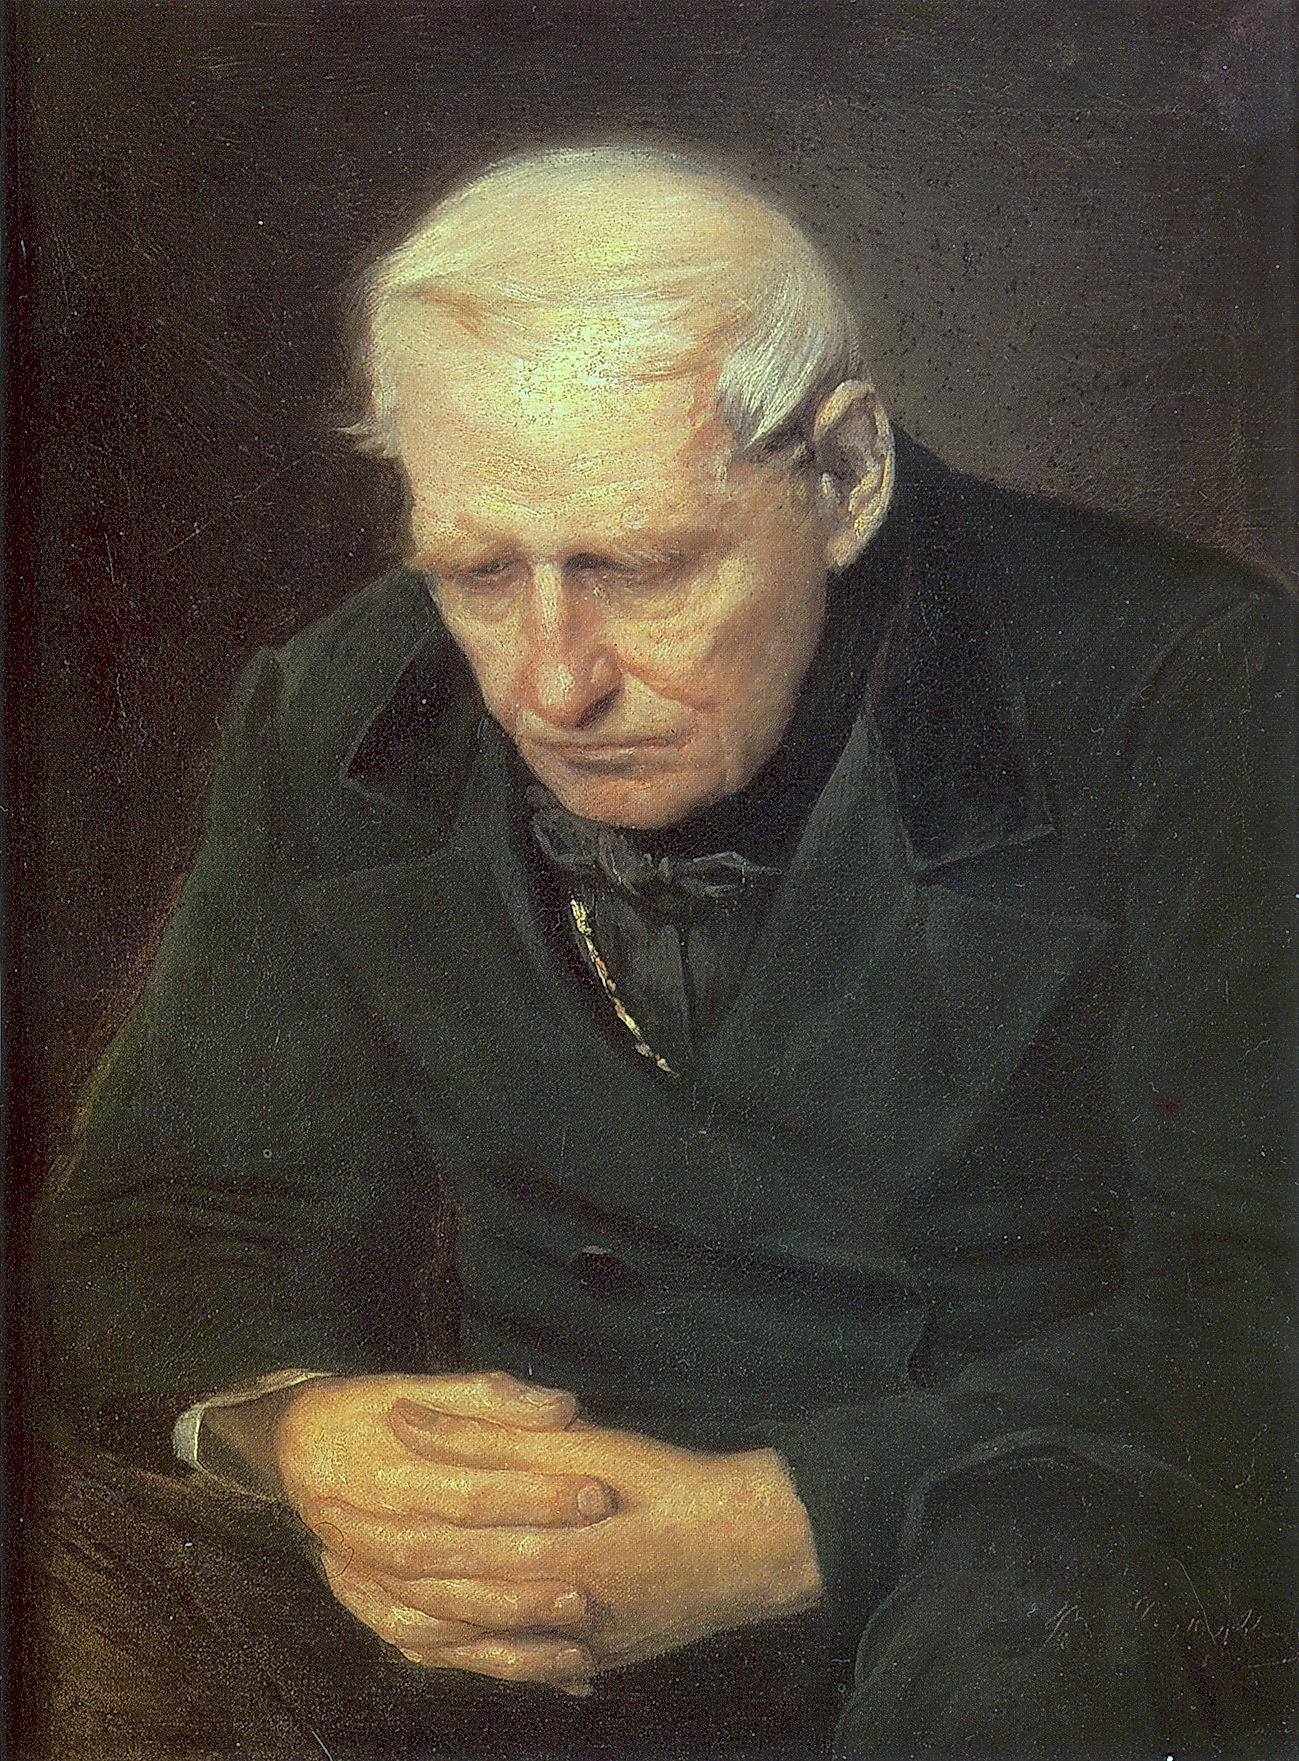 Старичок. Фрагм. варианта к. 'Старики-родители на могиле сына'. 1874 Х., м. 58х47 Минск